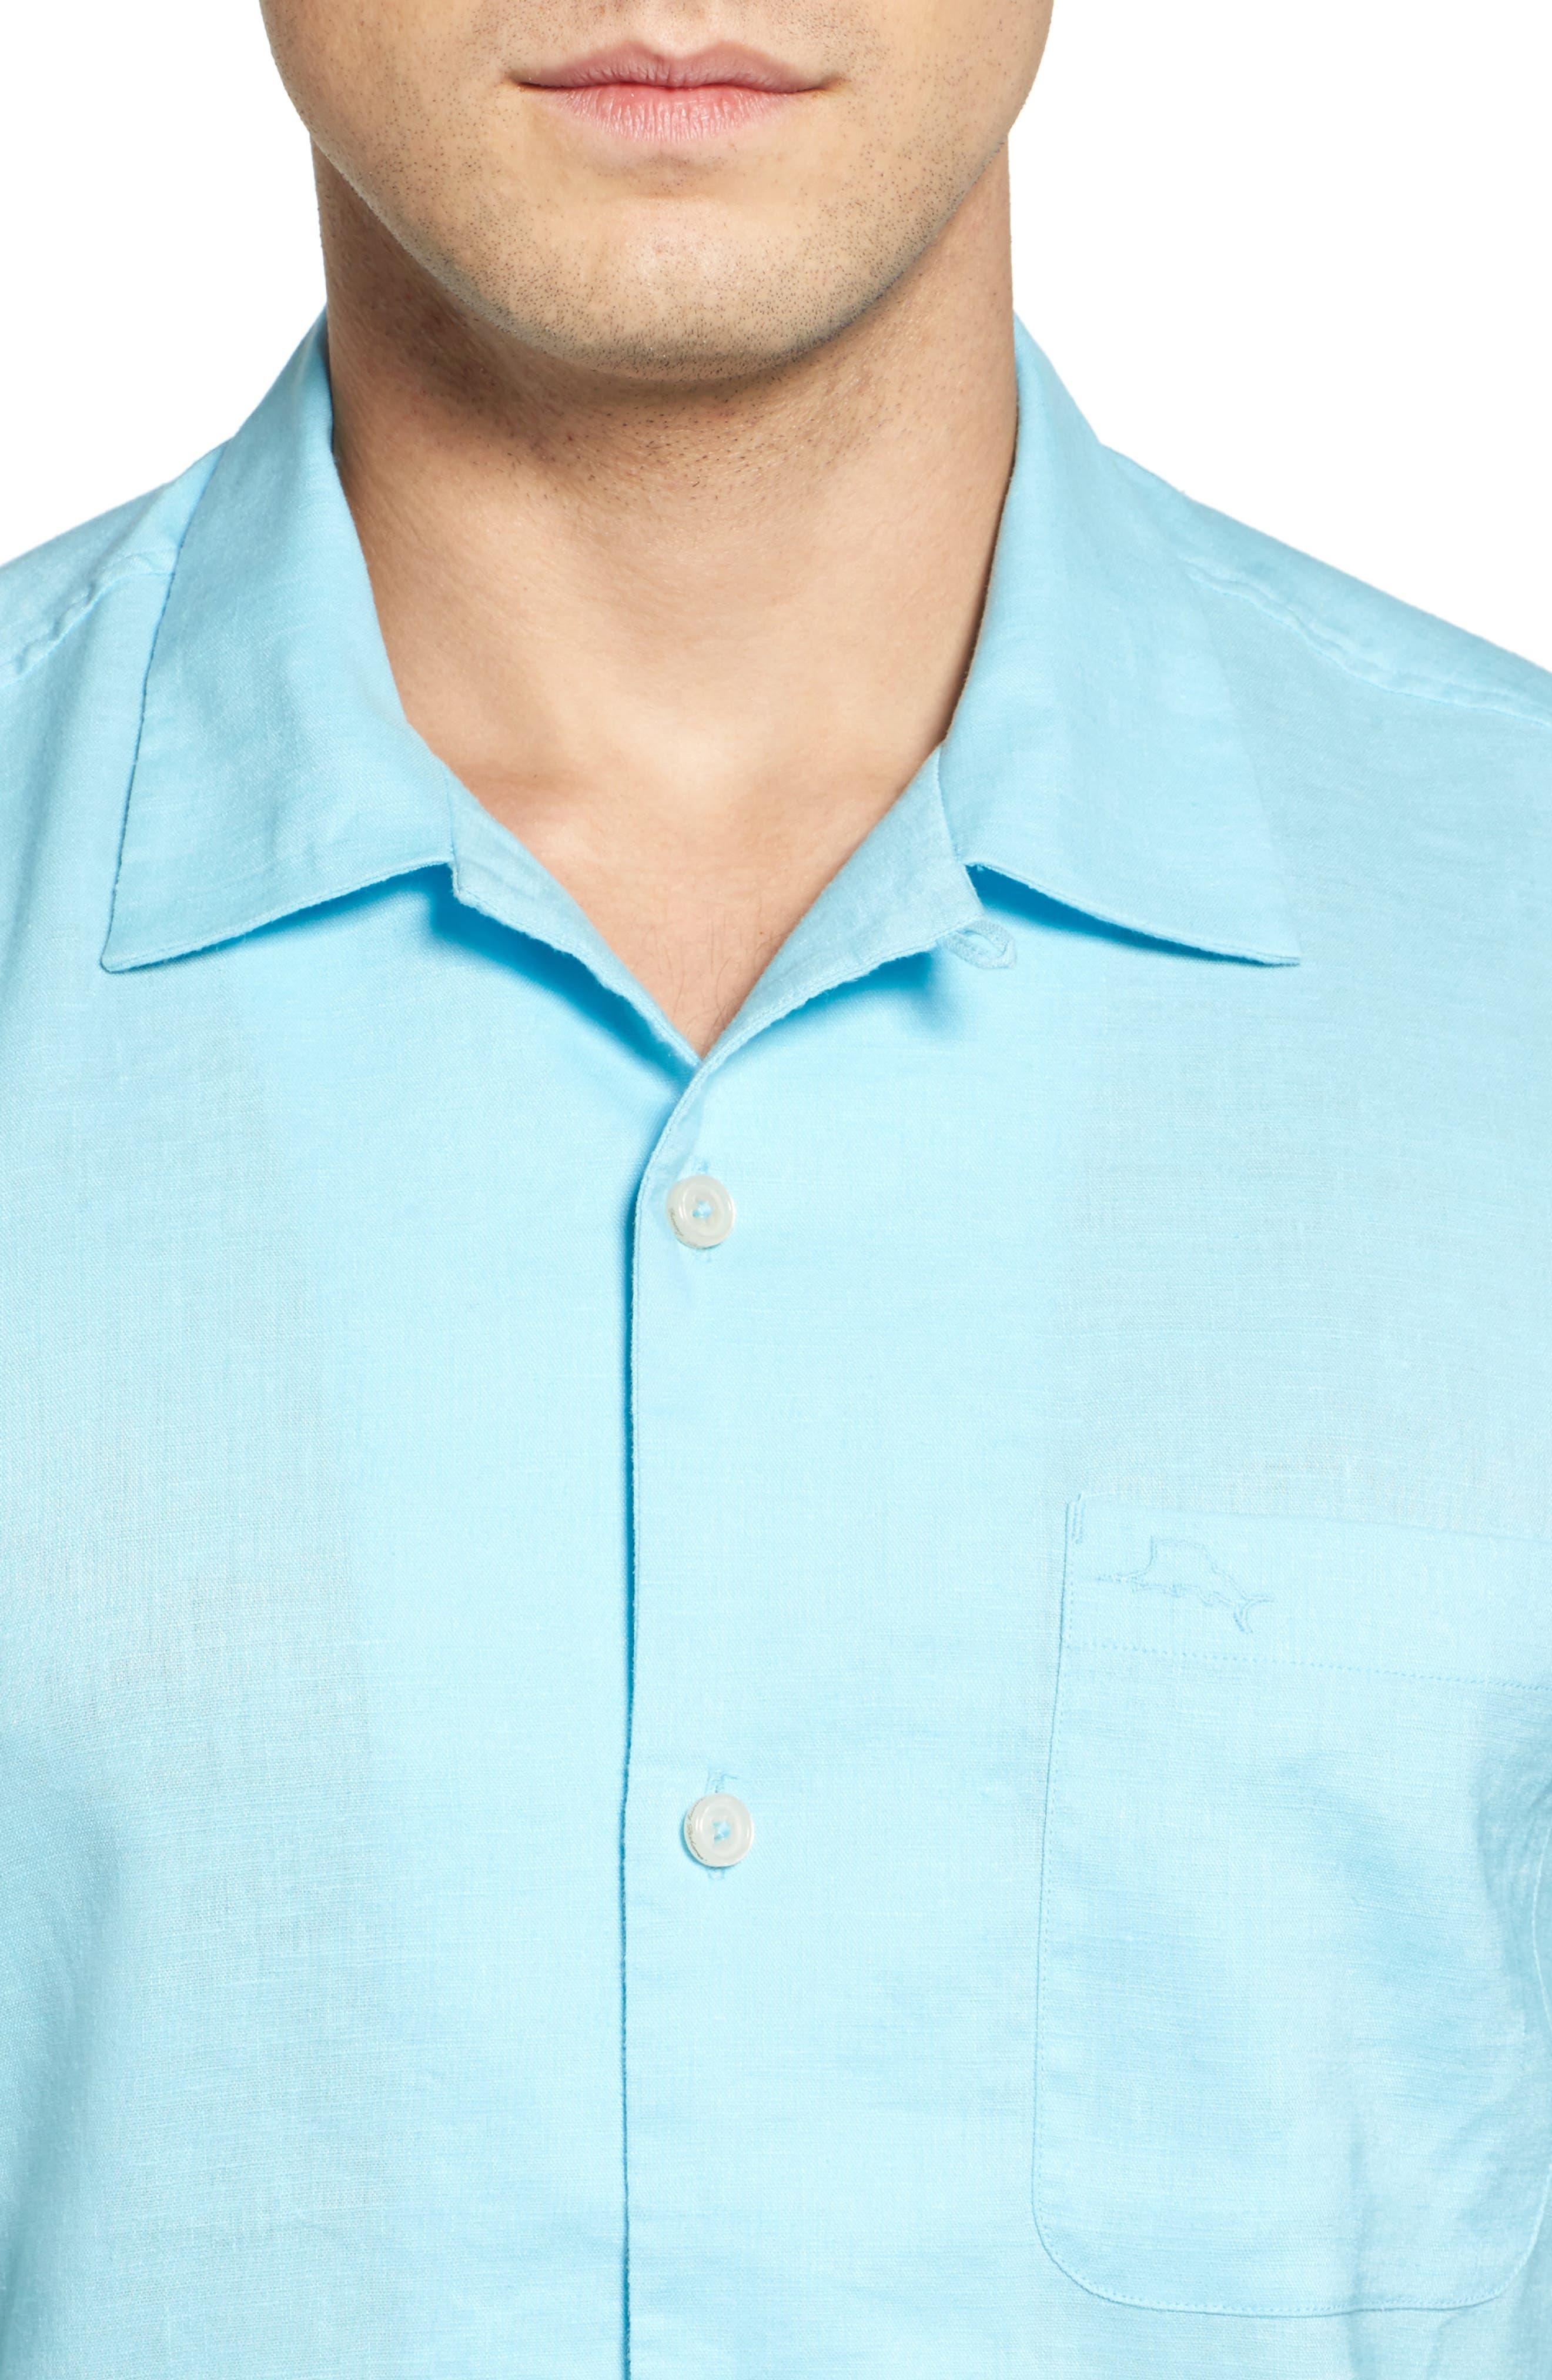 Monaco Tides Standard Fit Linen Blend Camp Shirt,                             Alternate thumbnail 4, color,                             Graceful Sea